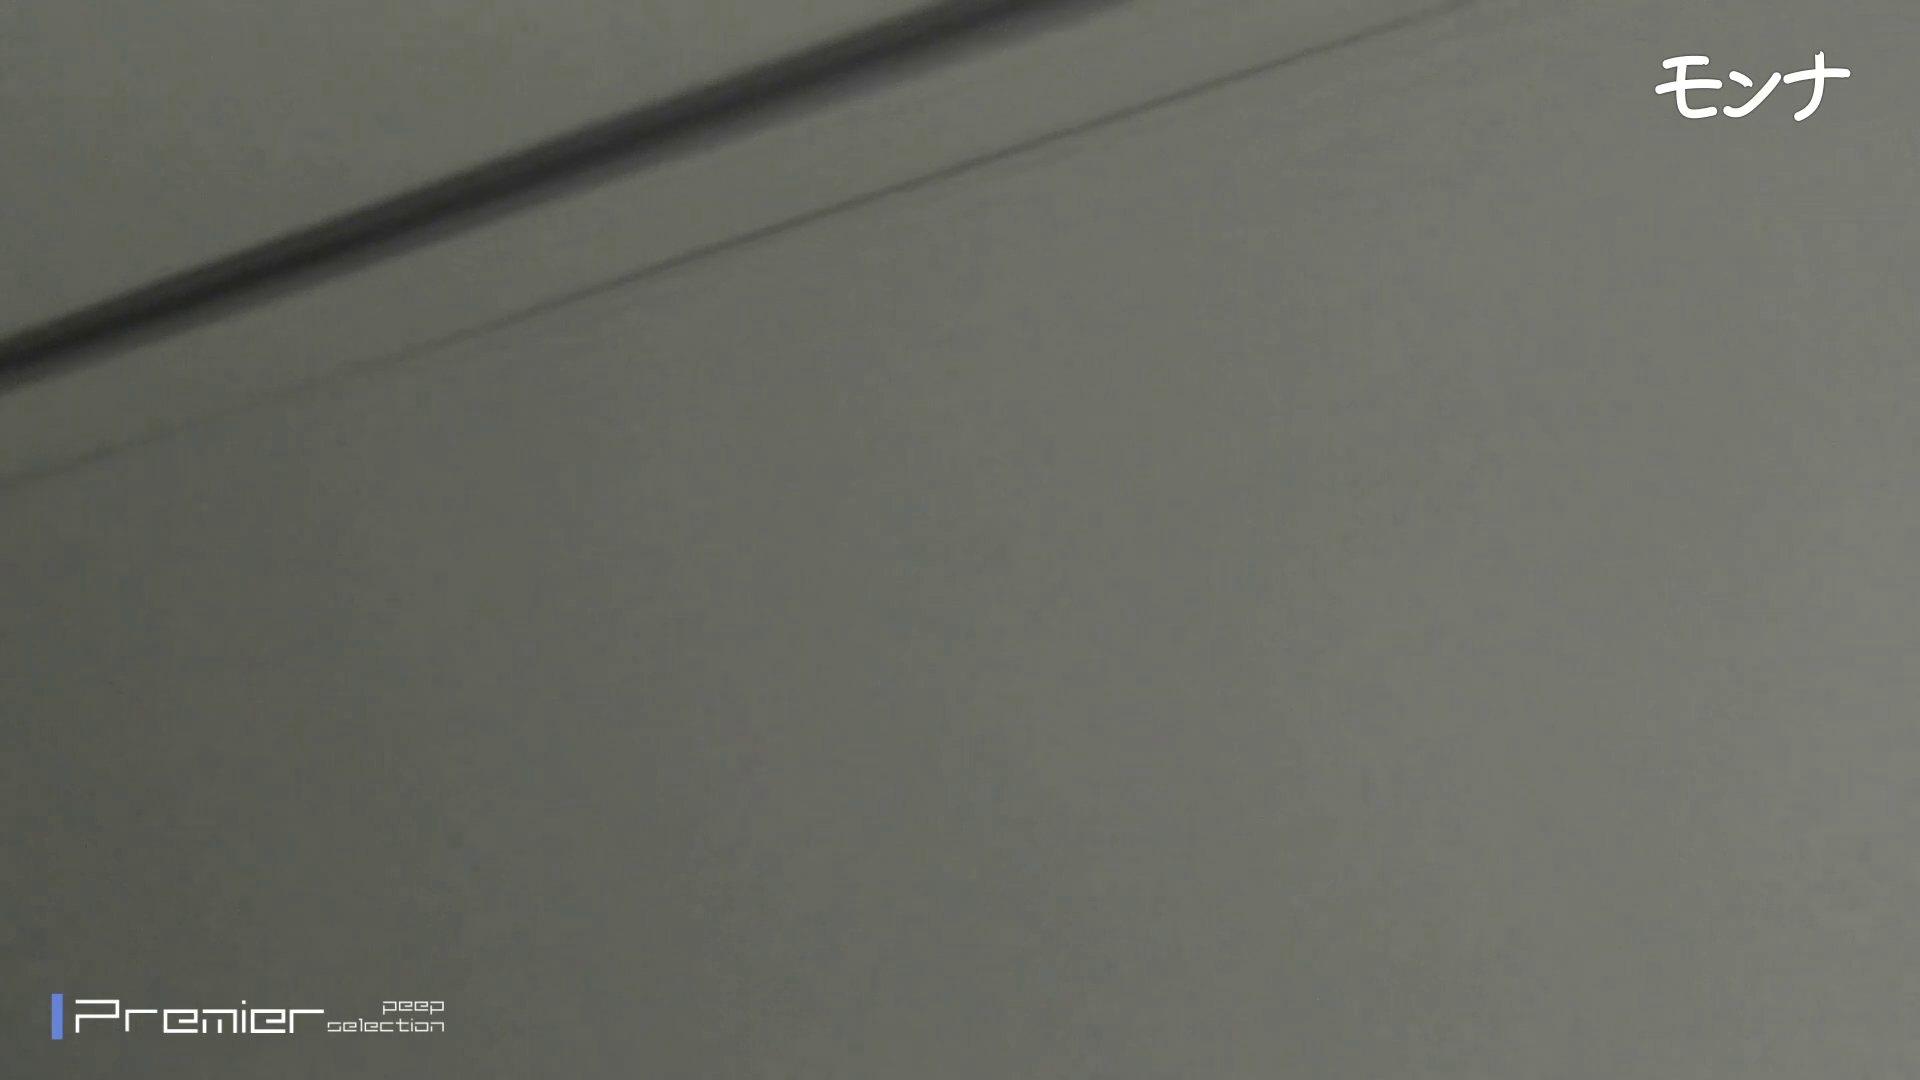 ハメ撮り|CM 清楚なお女市さんから流れる綺麗な聖水【美しい日本の未来 No.125】|怪盗ジョーカー